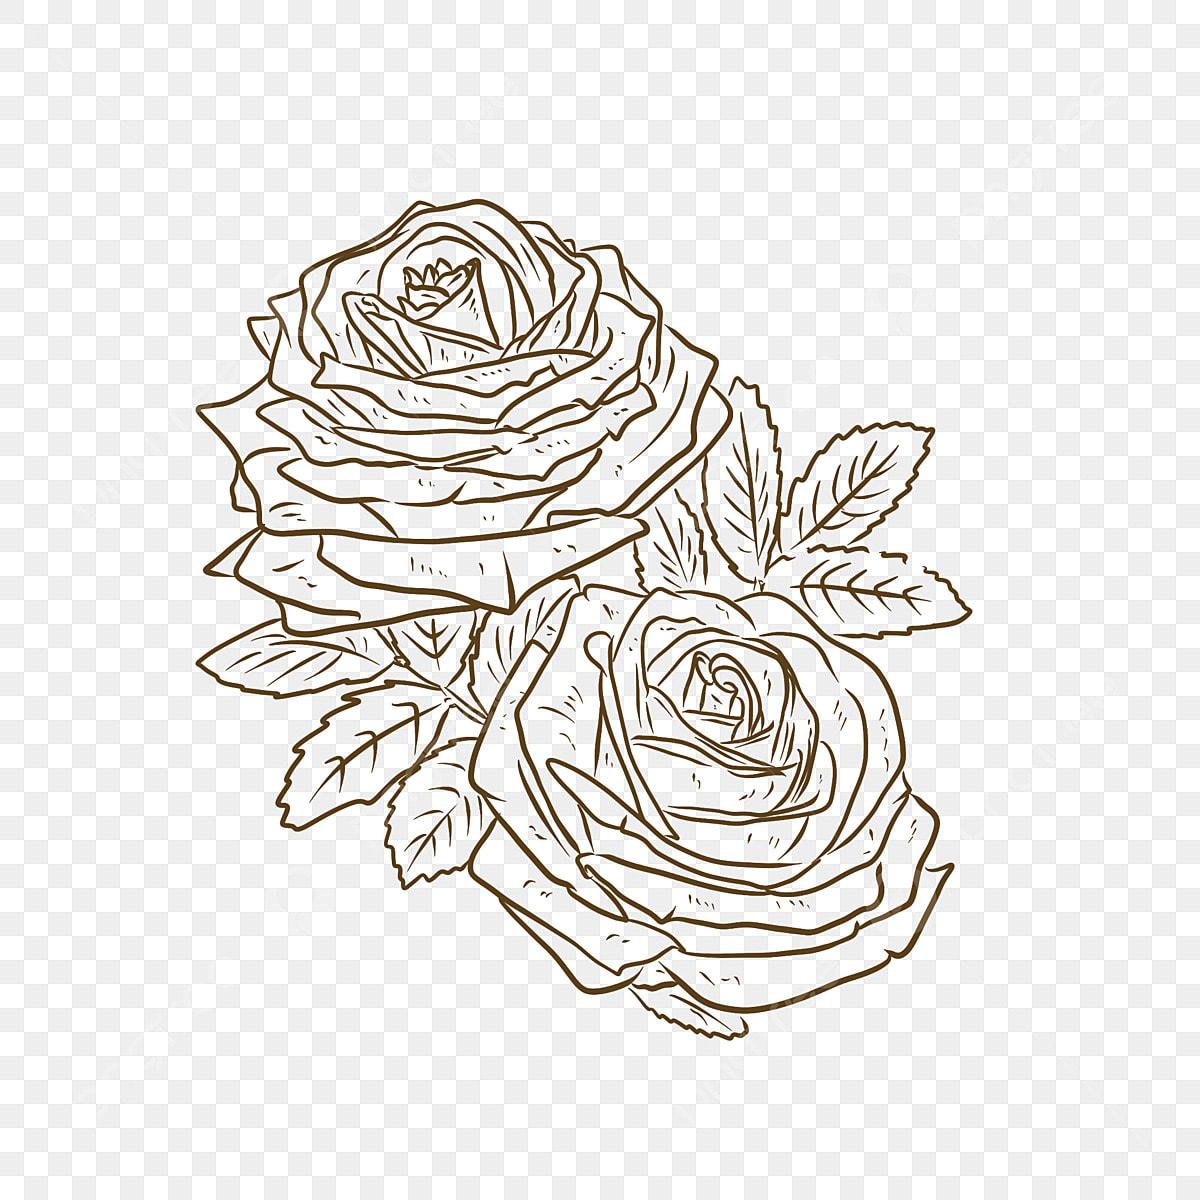 Dessin Blanc Vecteur Materiel De Fleur Rose Dessin Blanc Modele